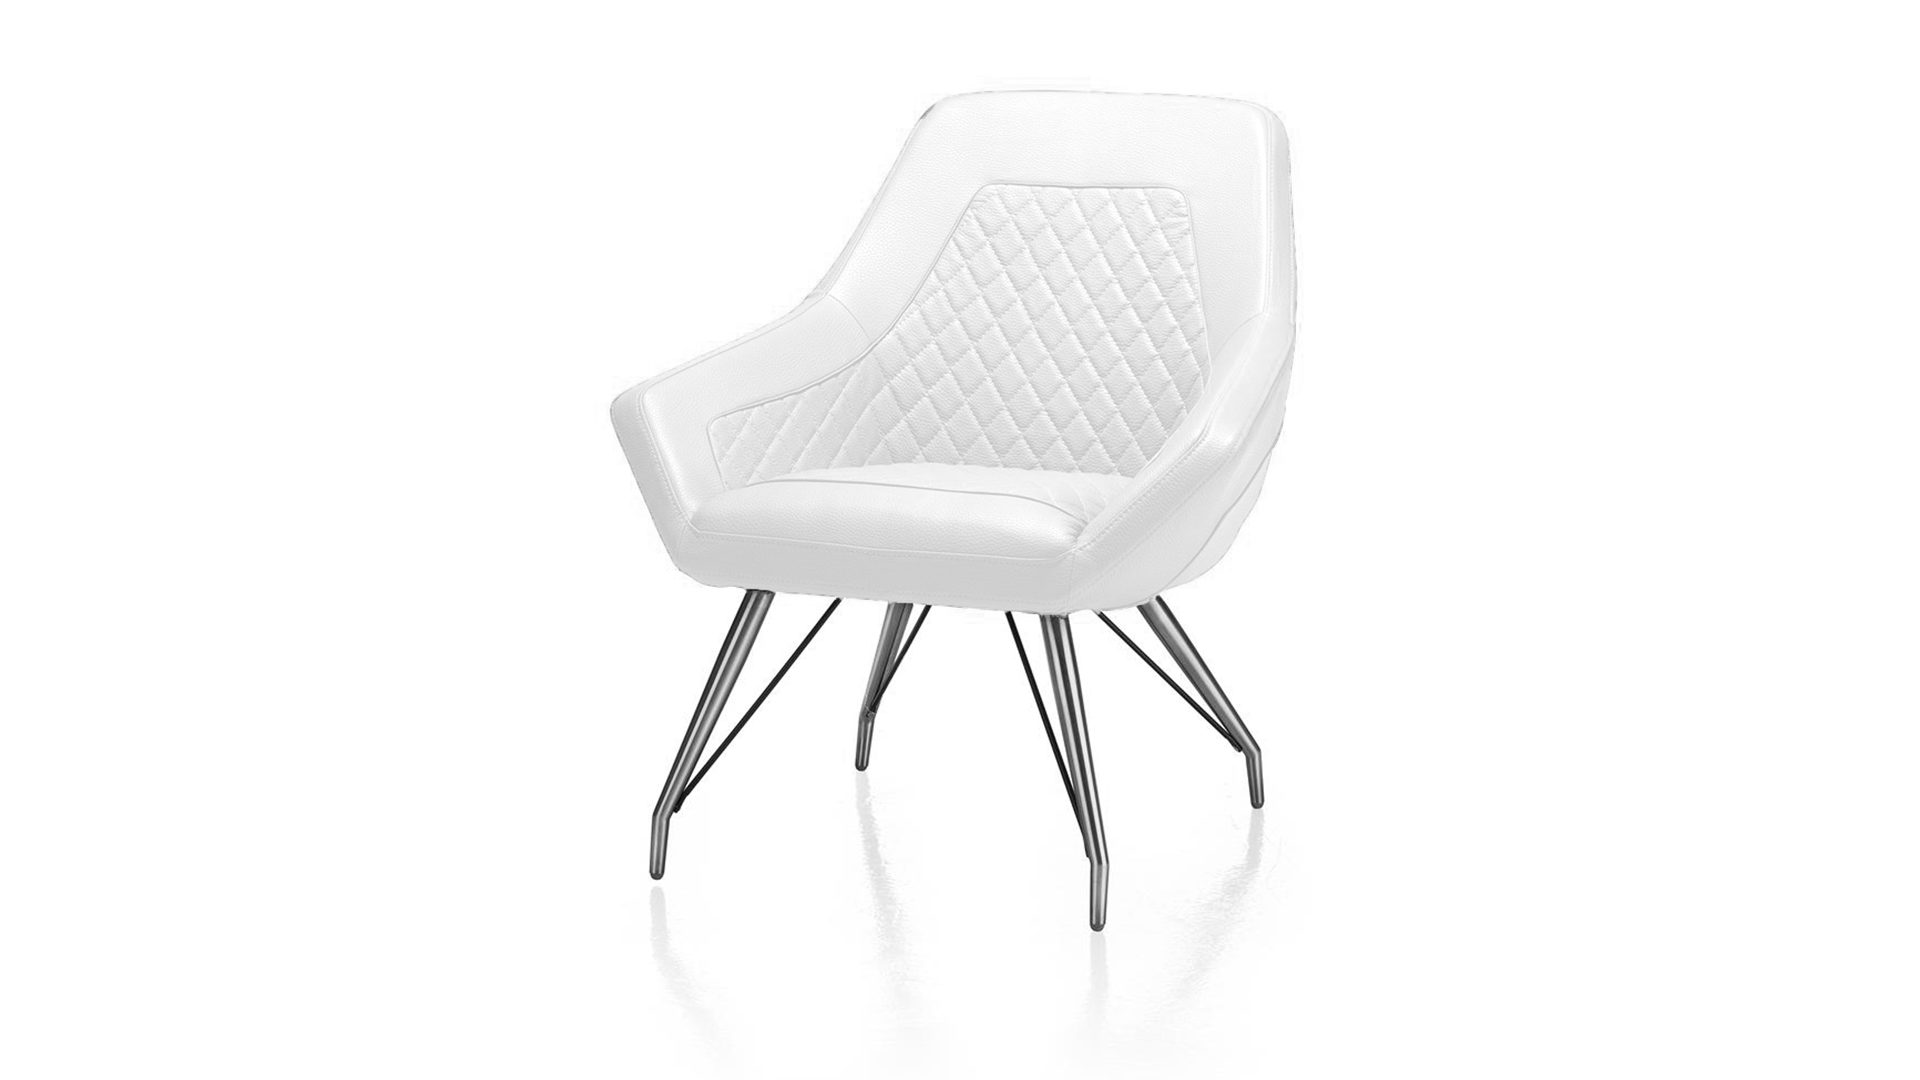 Möbel Eilers Apen Möbel A Z Stühle Bänke Esszimmerstühle